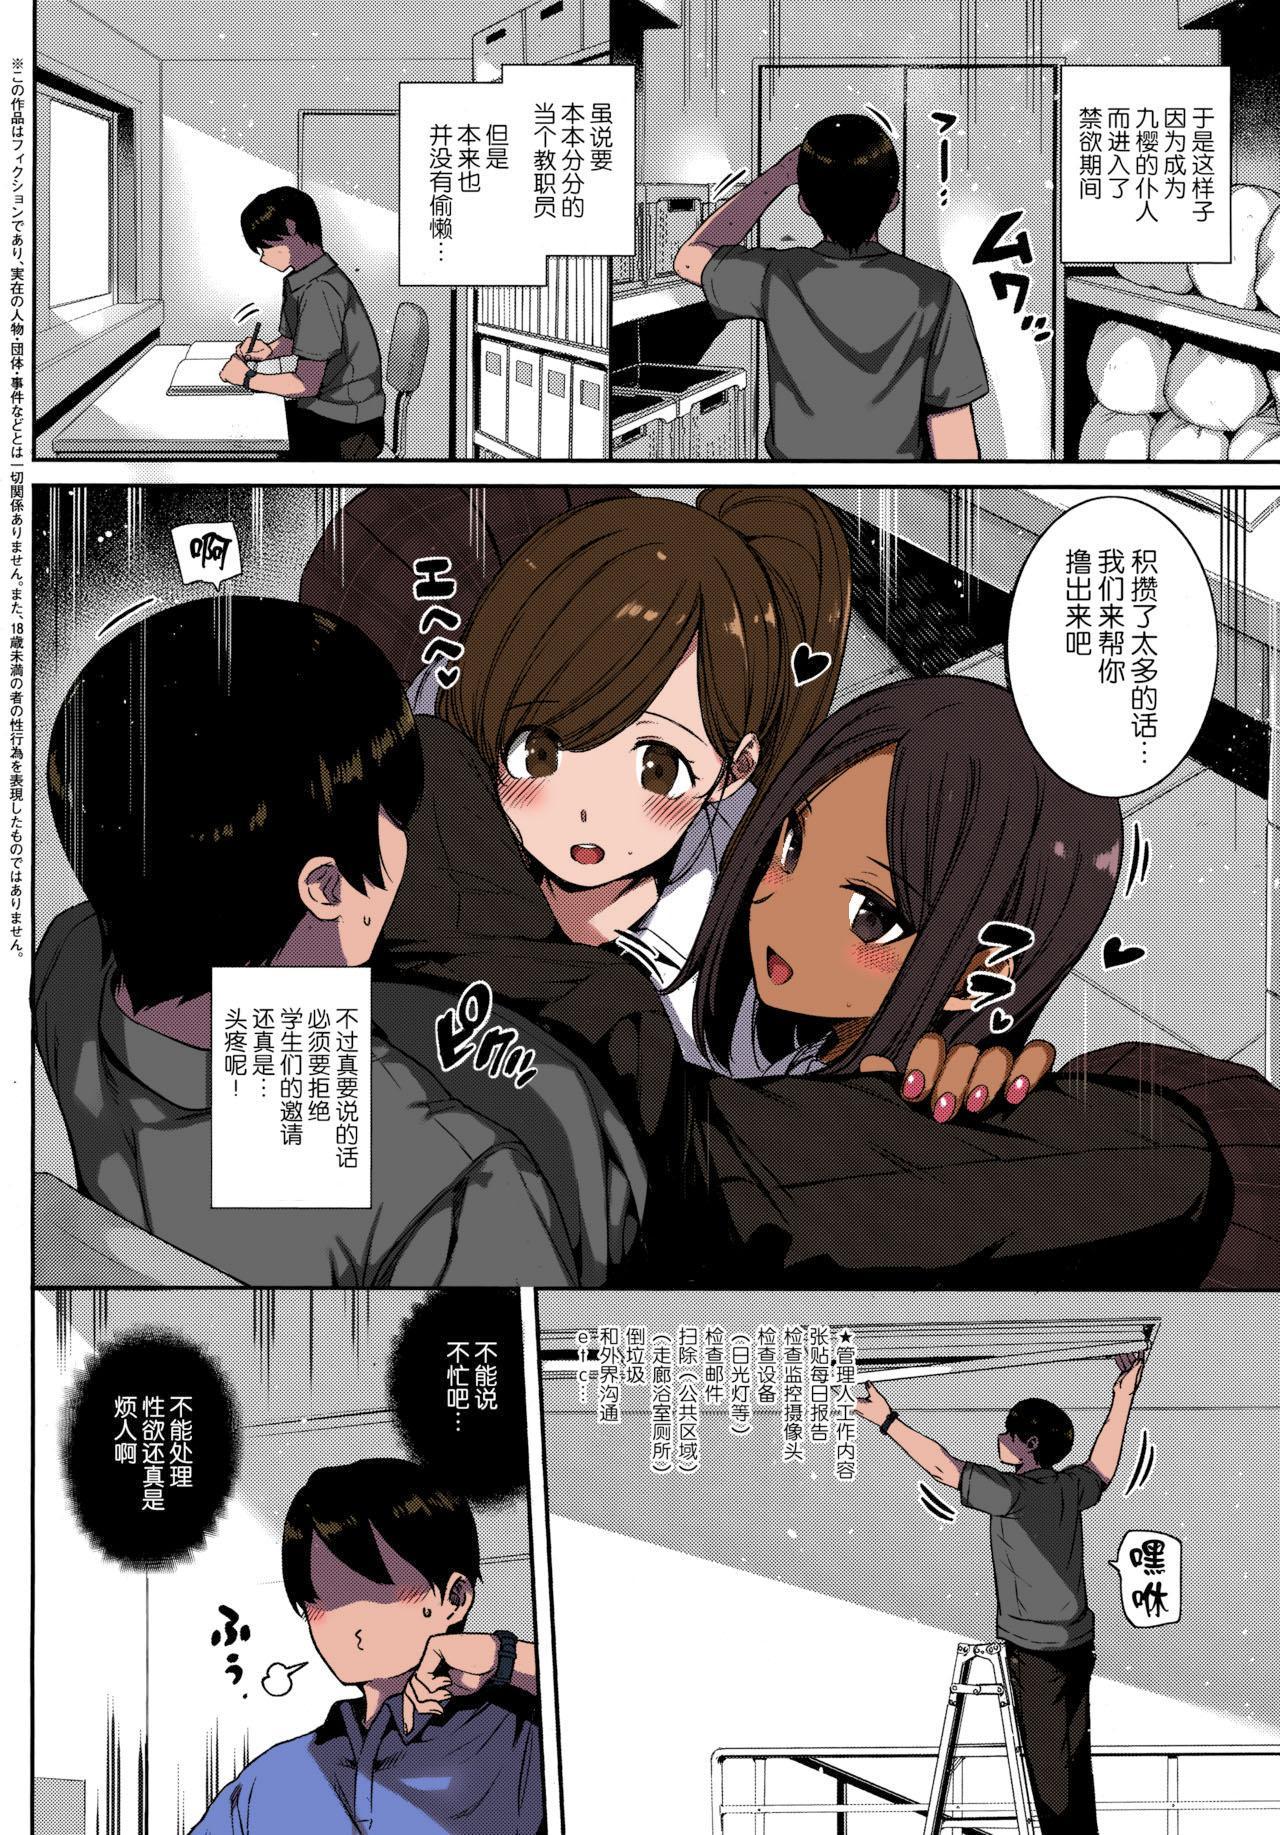 Amatsuka Gakuen no Ryoukan Seikatsu 3